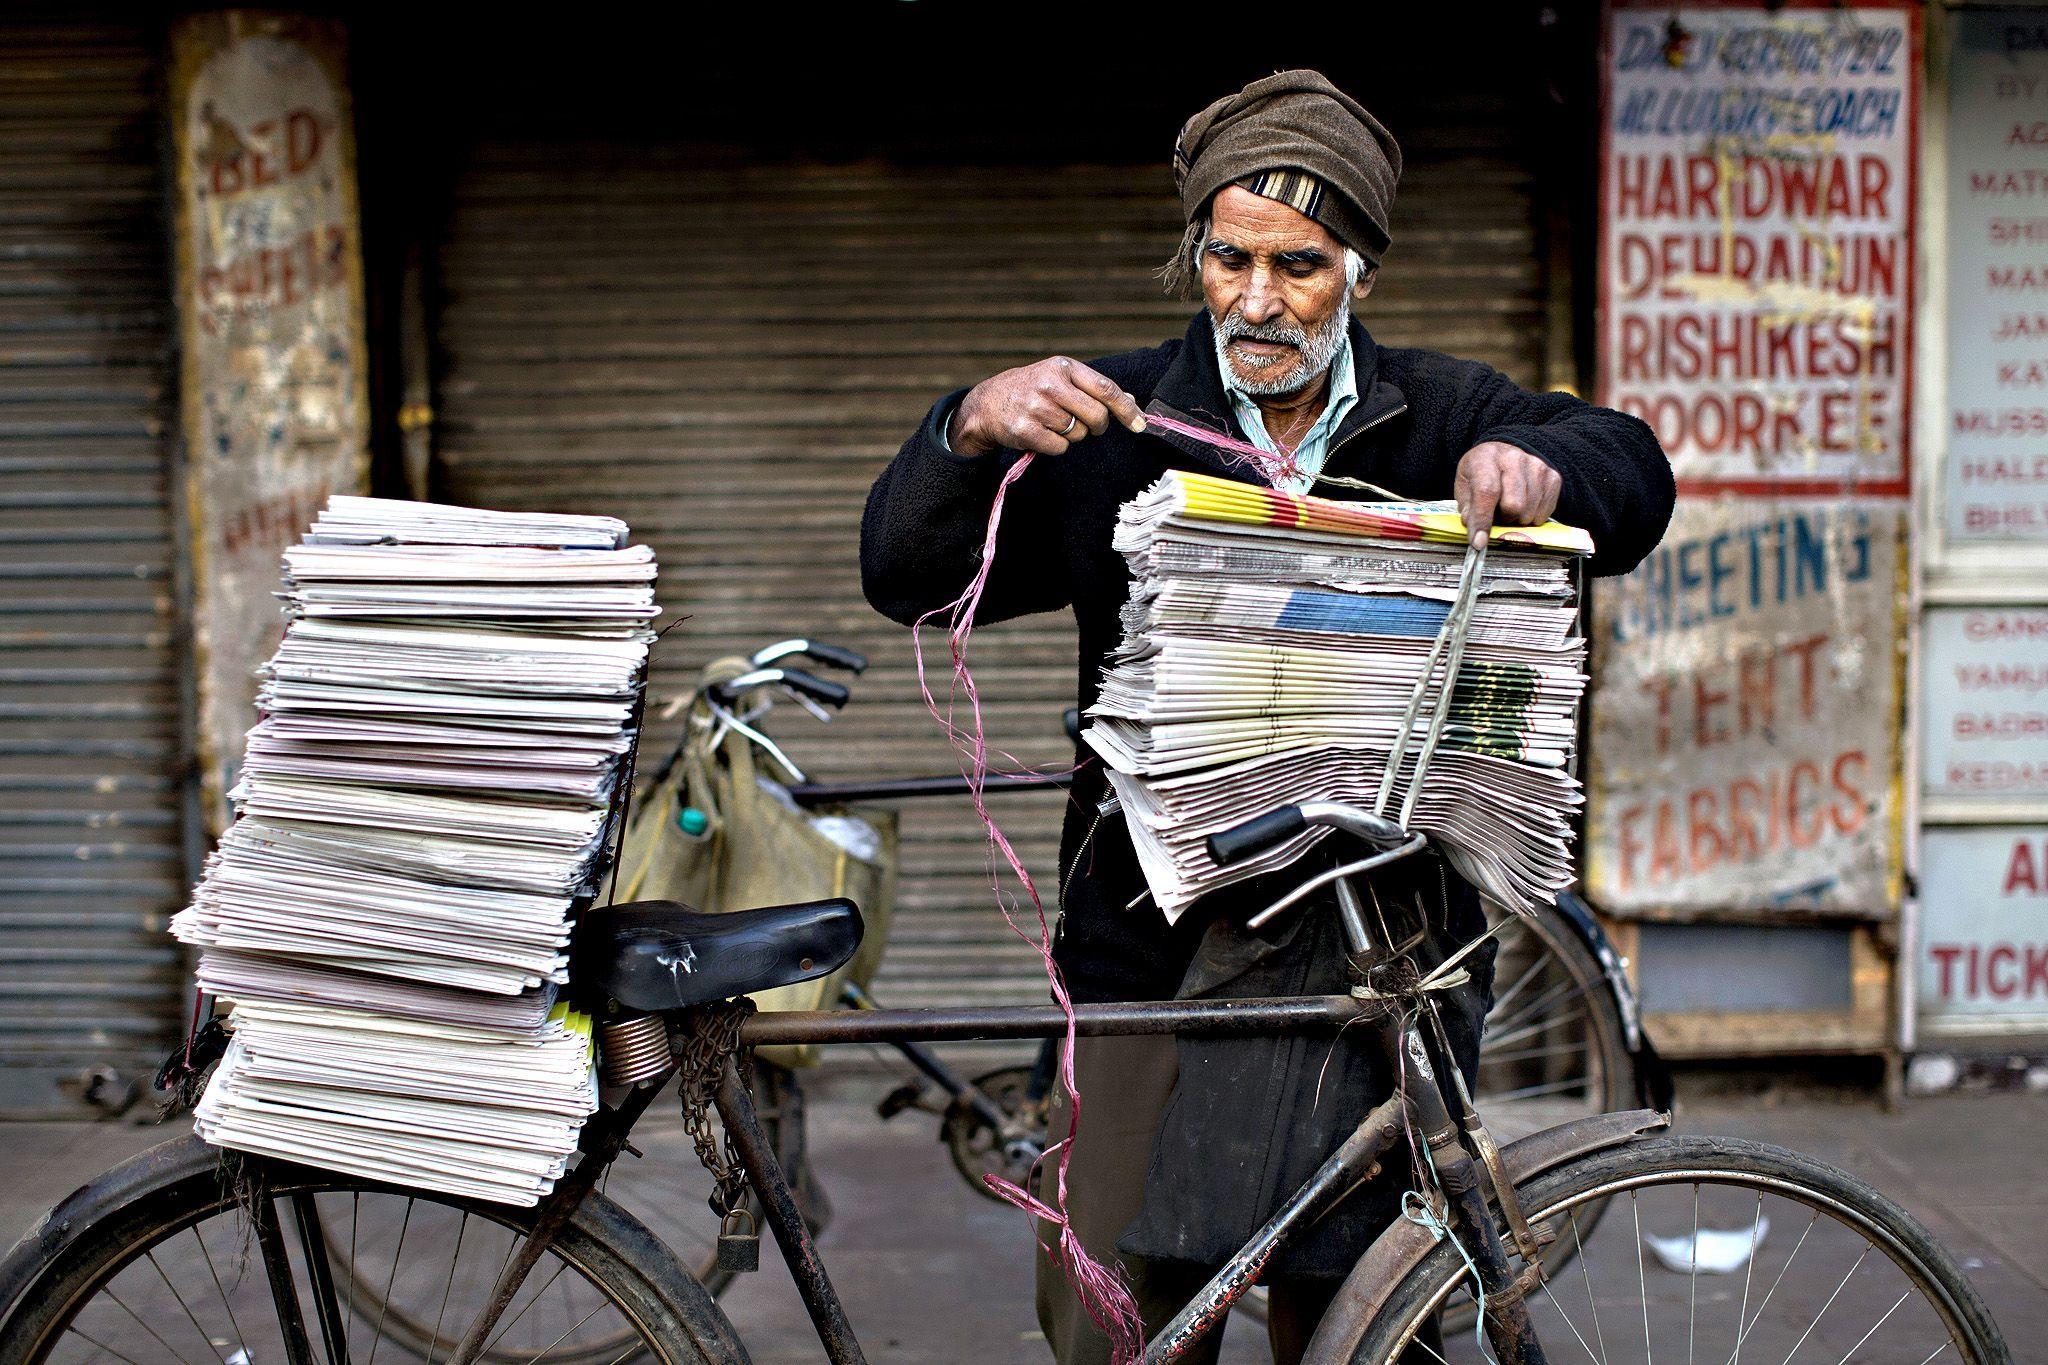 Image Result For Newspaper Delivery Bike Newspaper Delivery Photo Diary Newspaper